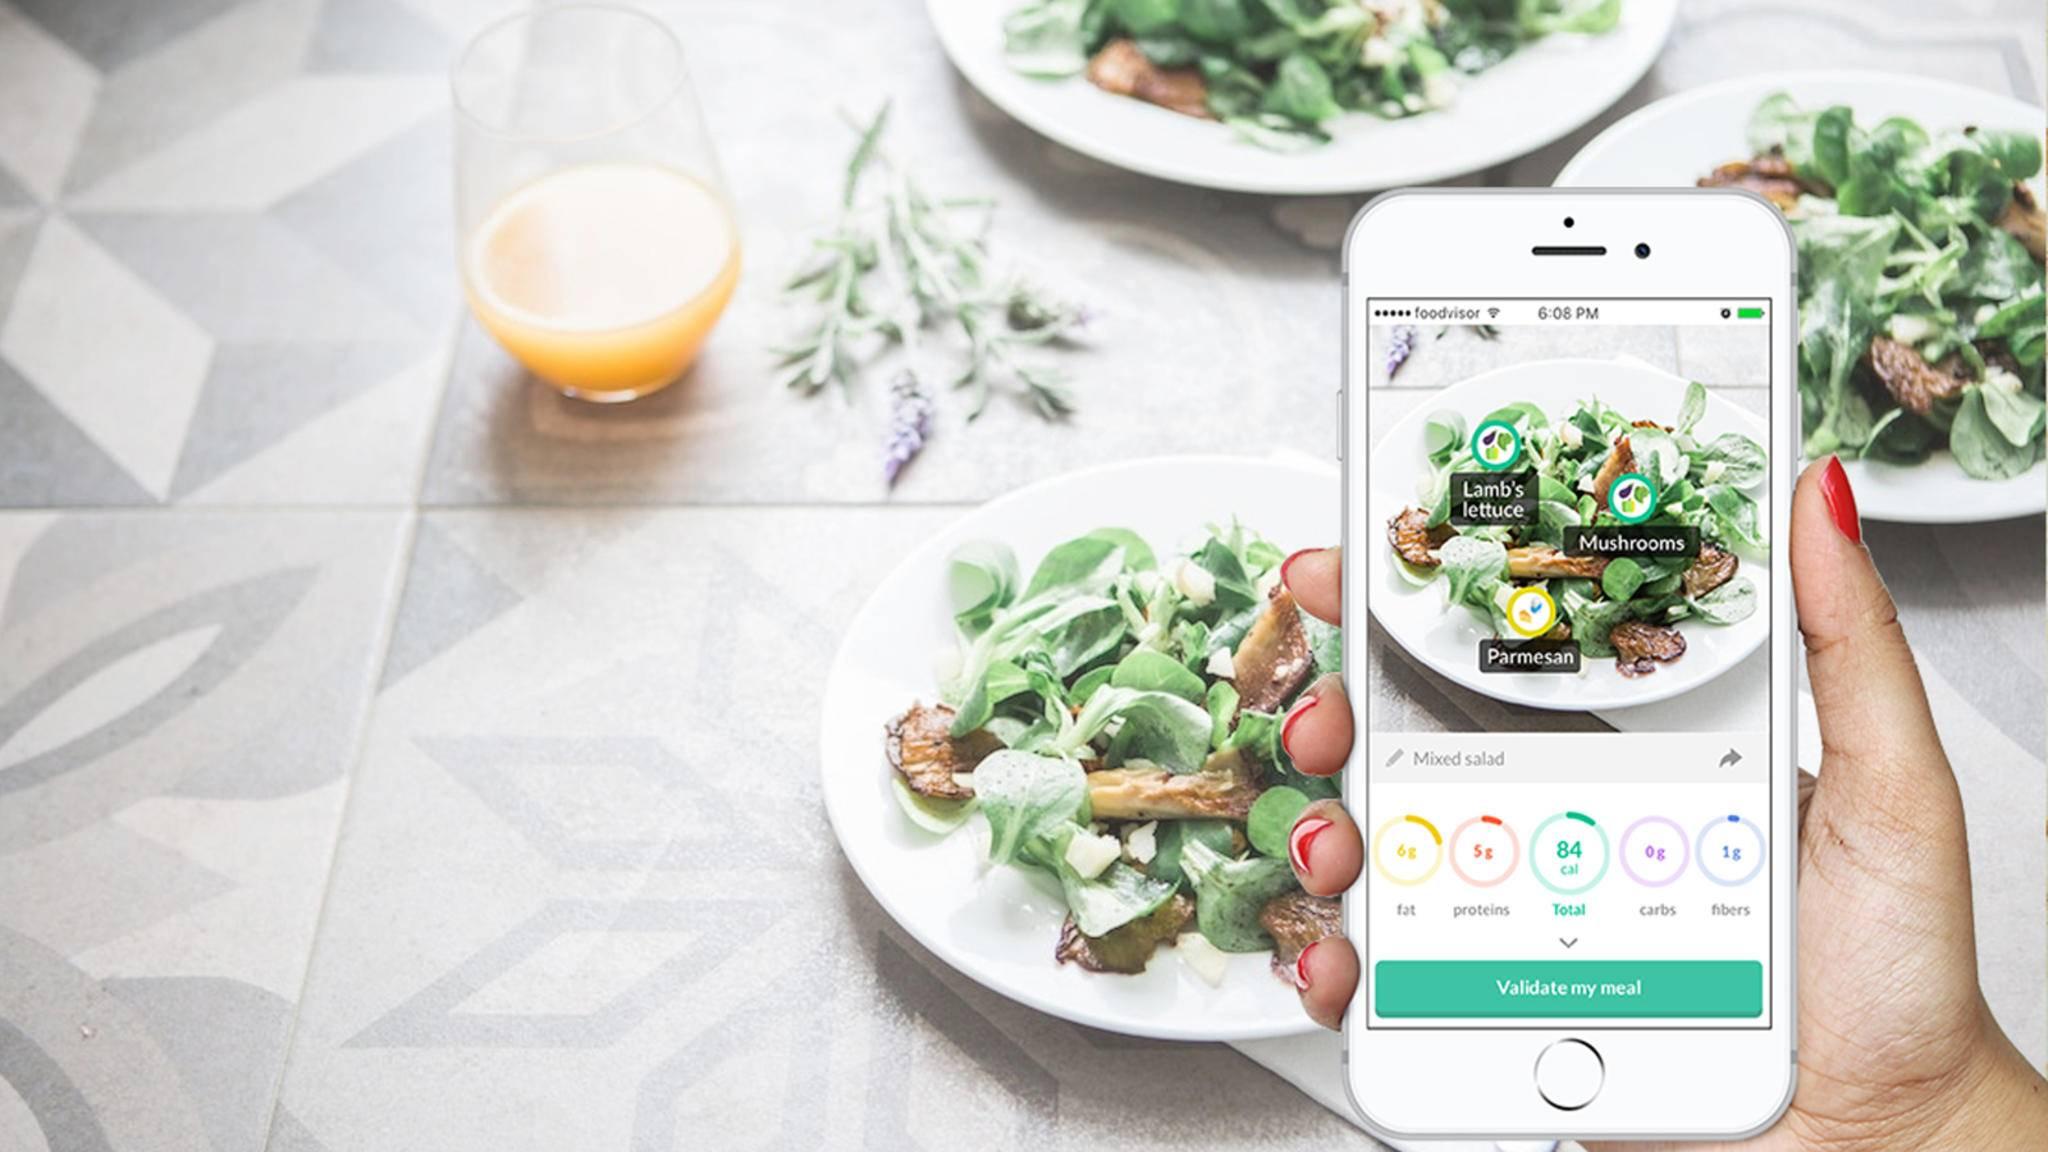 Kalorienzählen leicht gemacht: Der Nutzer schießt ein Foto seines Mahls und die App Foodvisor errechnet die Kalorien.